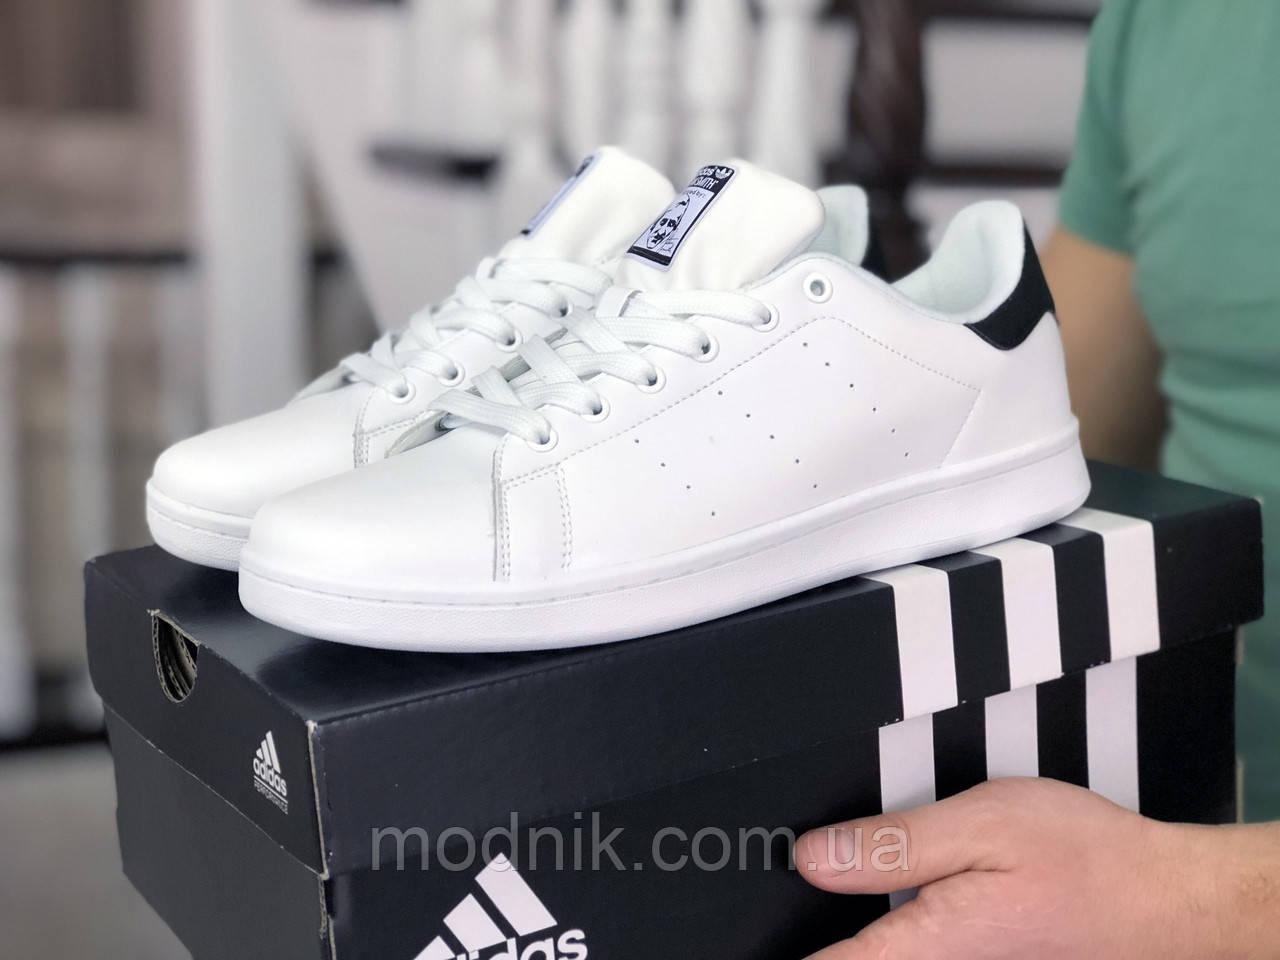 Мужские кроссовки Adidas Stan Smith (бело-черные) 9075